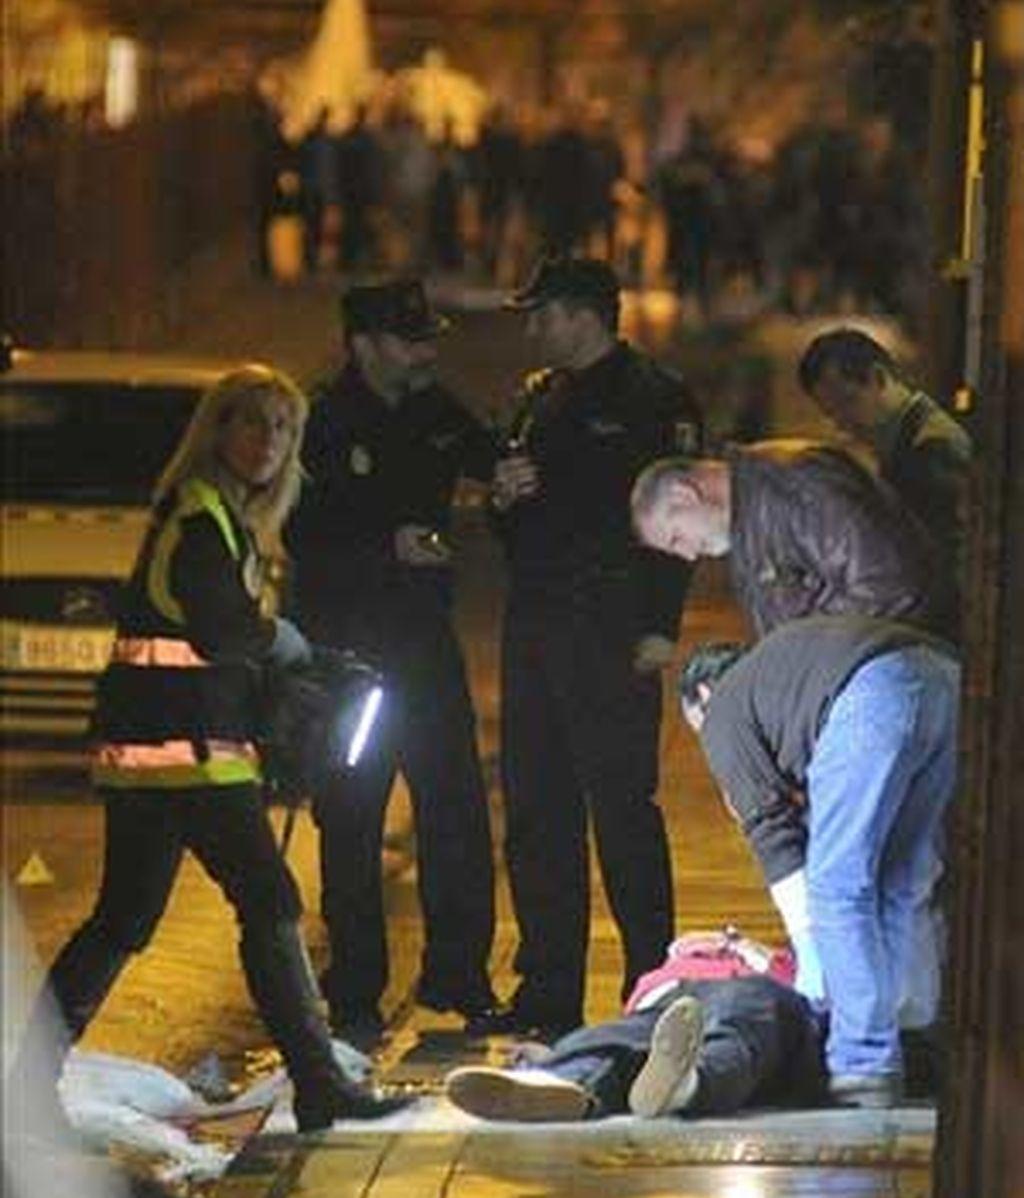 Un hombre de 43 años, con iniciales J.M.R.M., ha muerto hoy en una calle de Granada capital después de que un varón le disparase en la parte posterior de la cabeza para después darse a la fuga. Foto: EFE